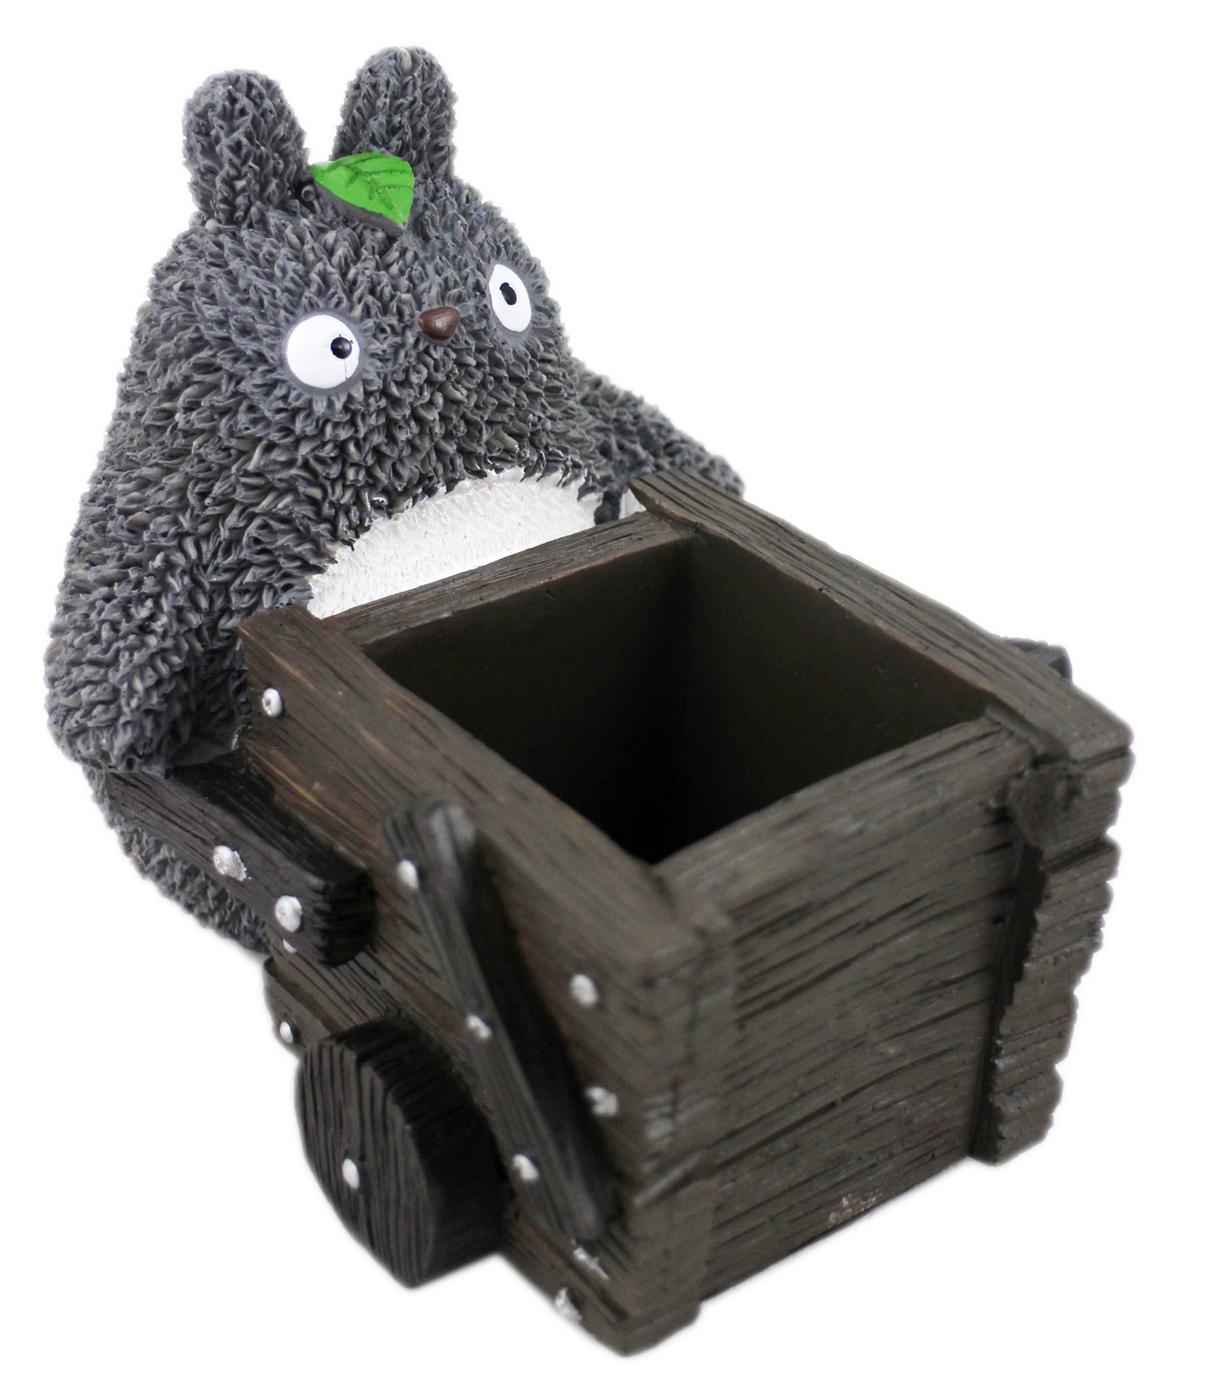 【卡漫城】 Totoro 龍貓 仿陶瓷 筆筒 推車 poly材質 公仔 擺飾 宮崎駿 手機座 收納 ~ 2 5 0元